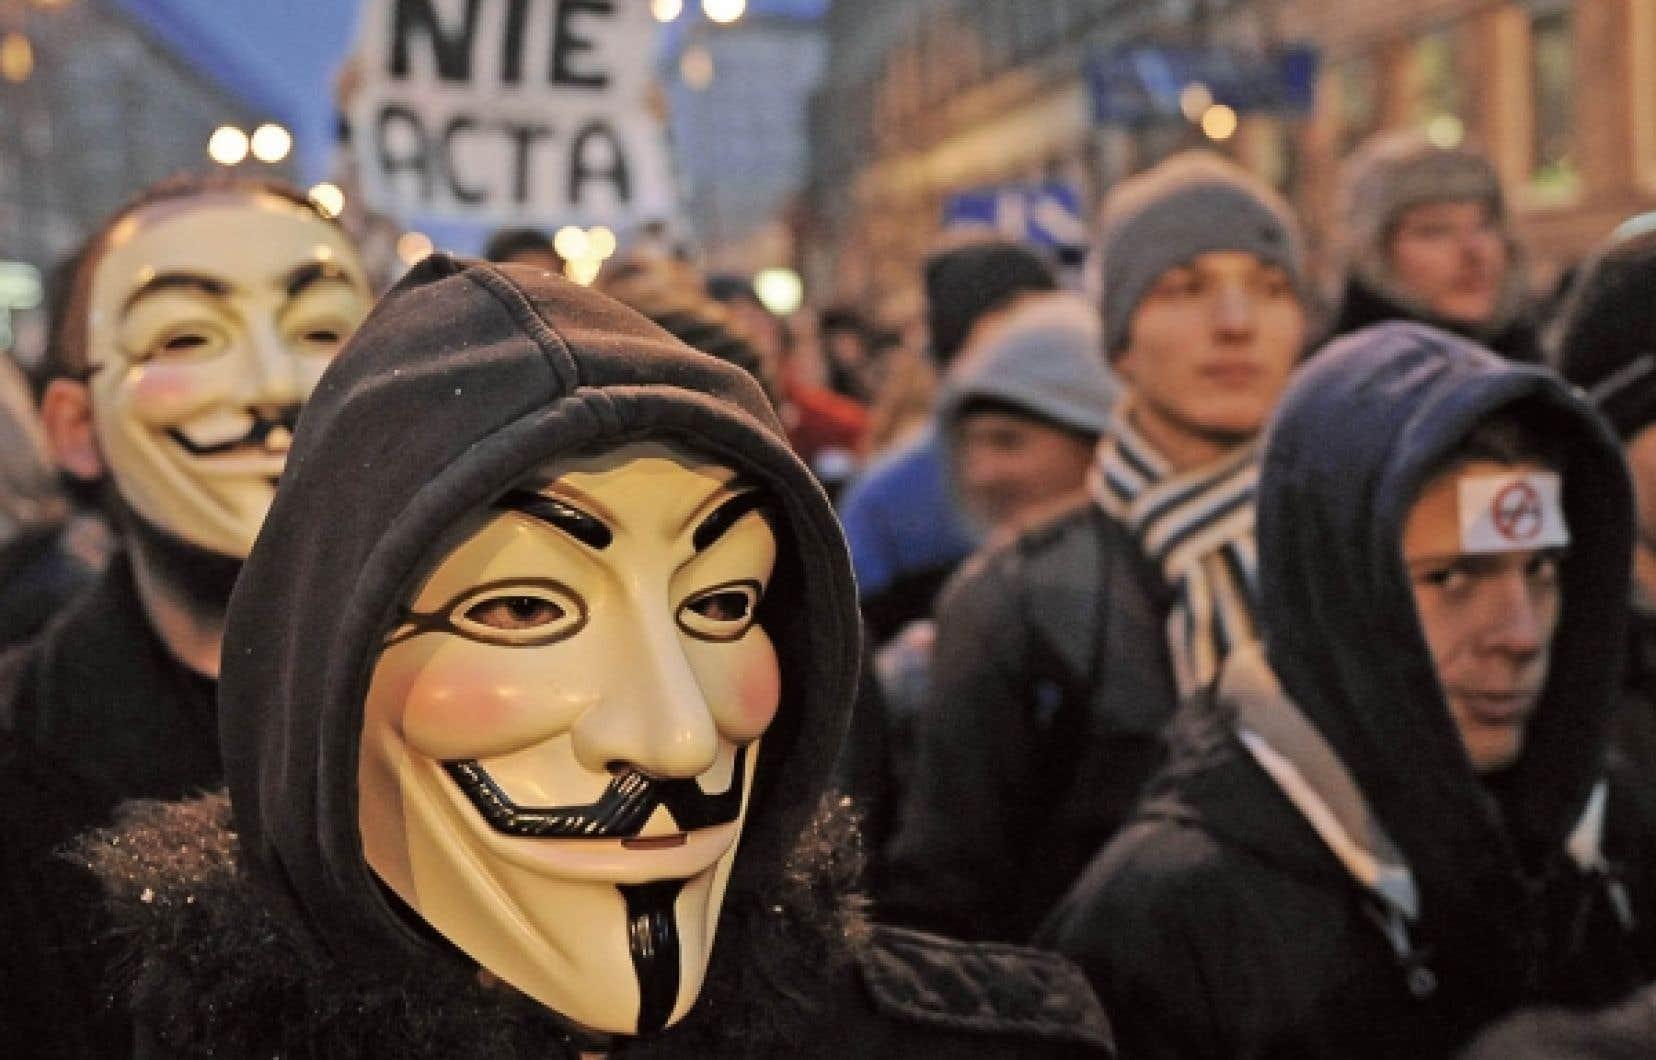 Des internautes polonais ont manifest&eacute; cette semaine leur d&eacute;saccord avec le gouvernement qui voulait signer l&rsquo;ACTA.<br />